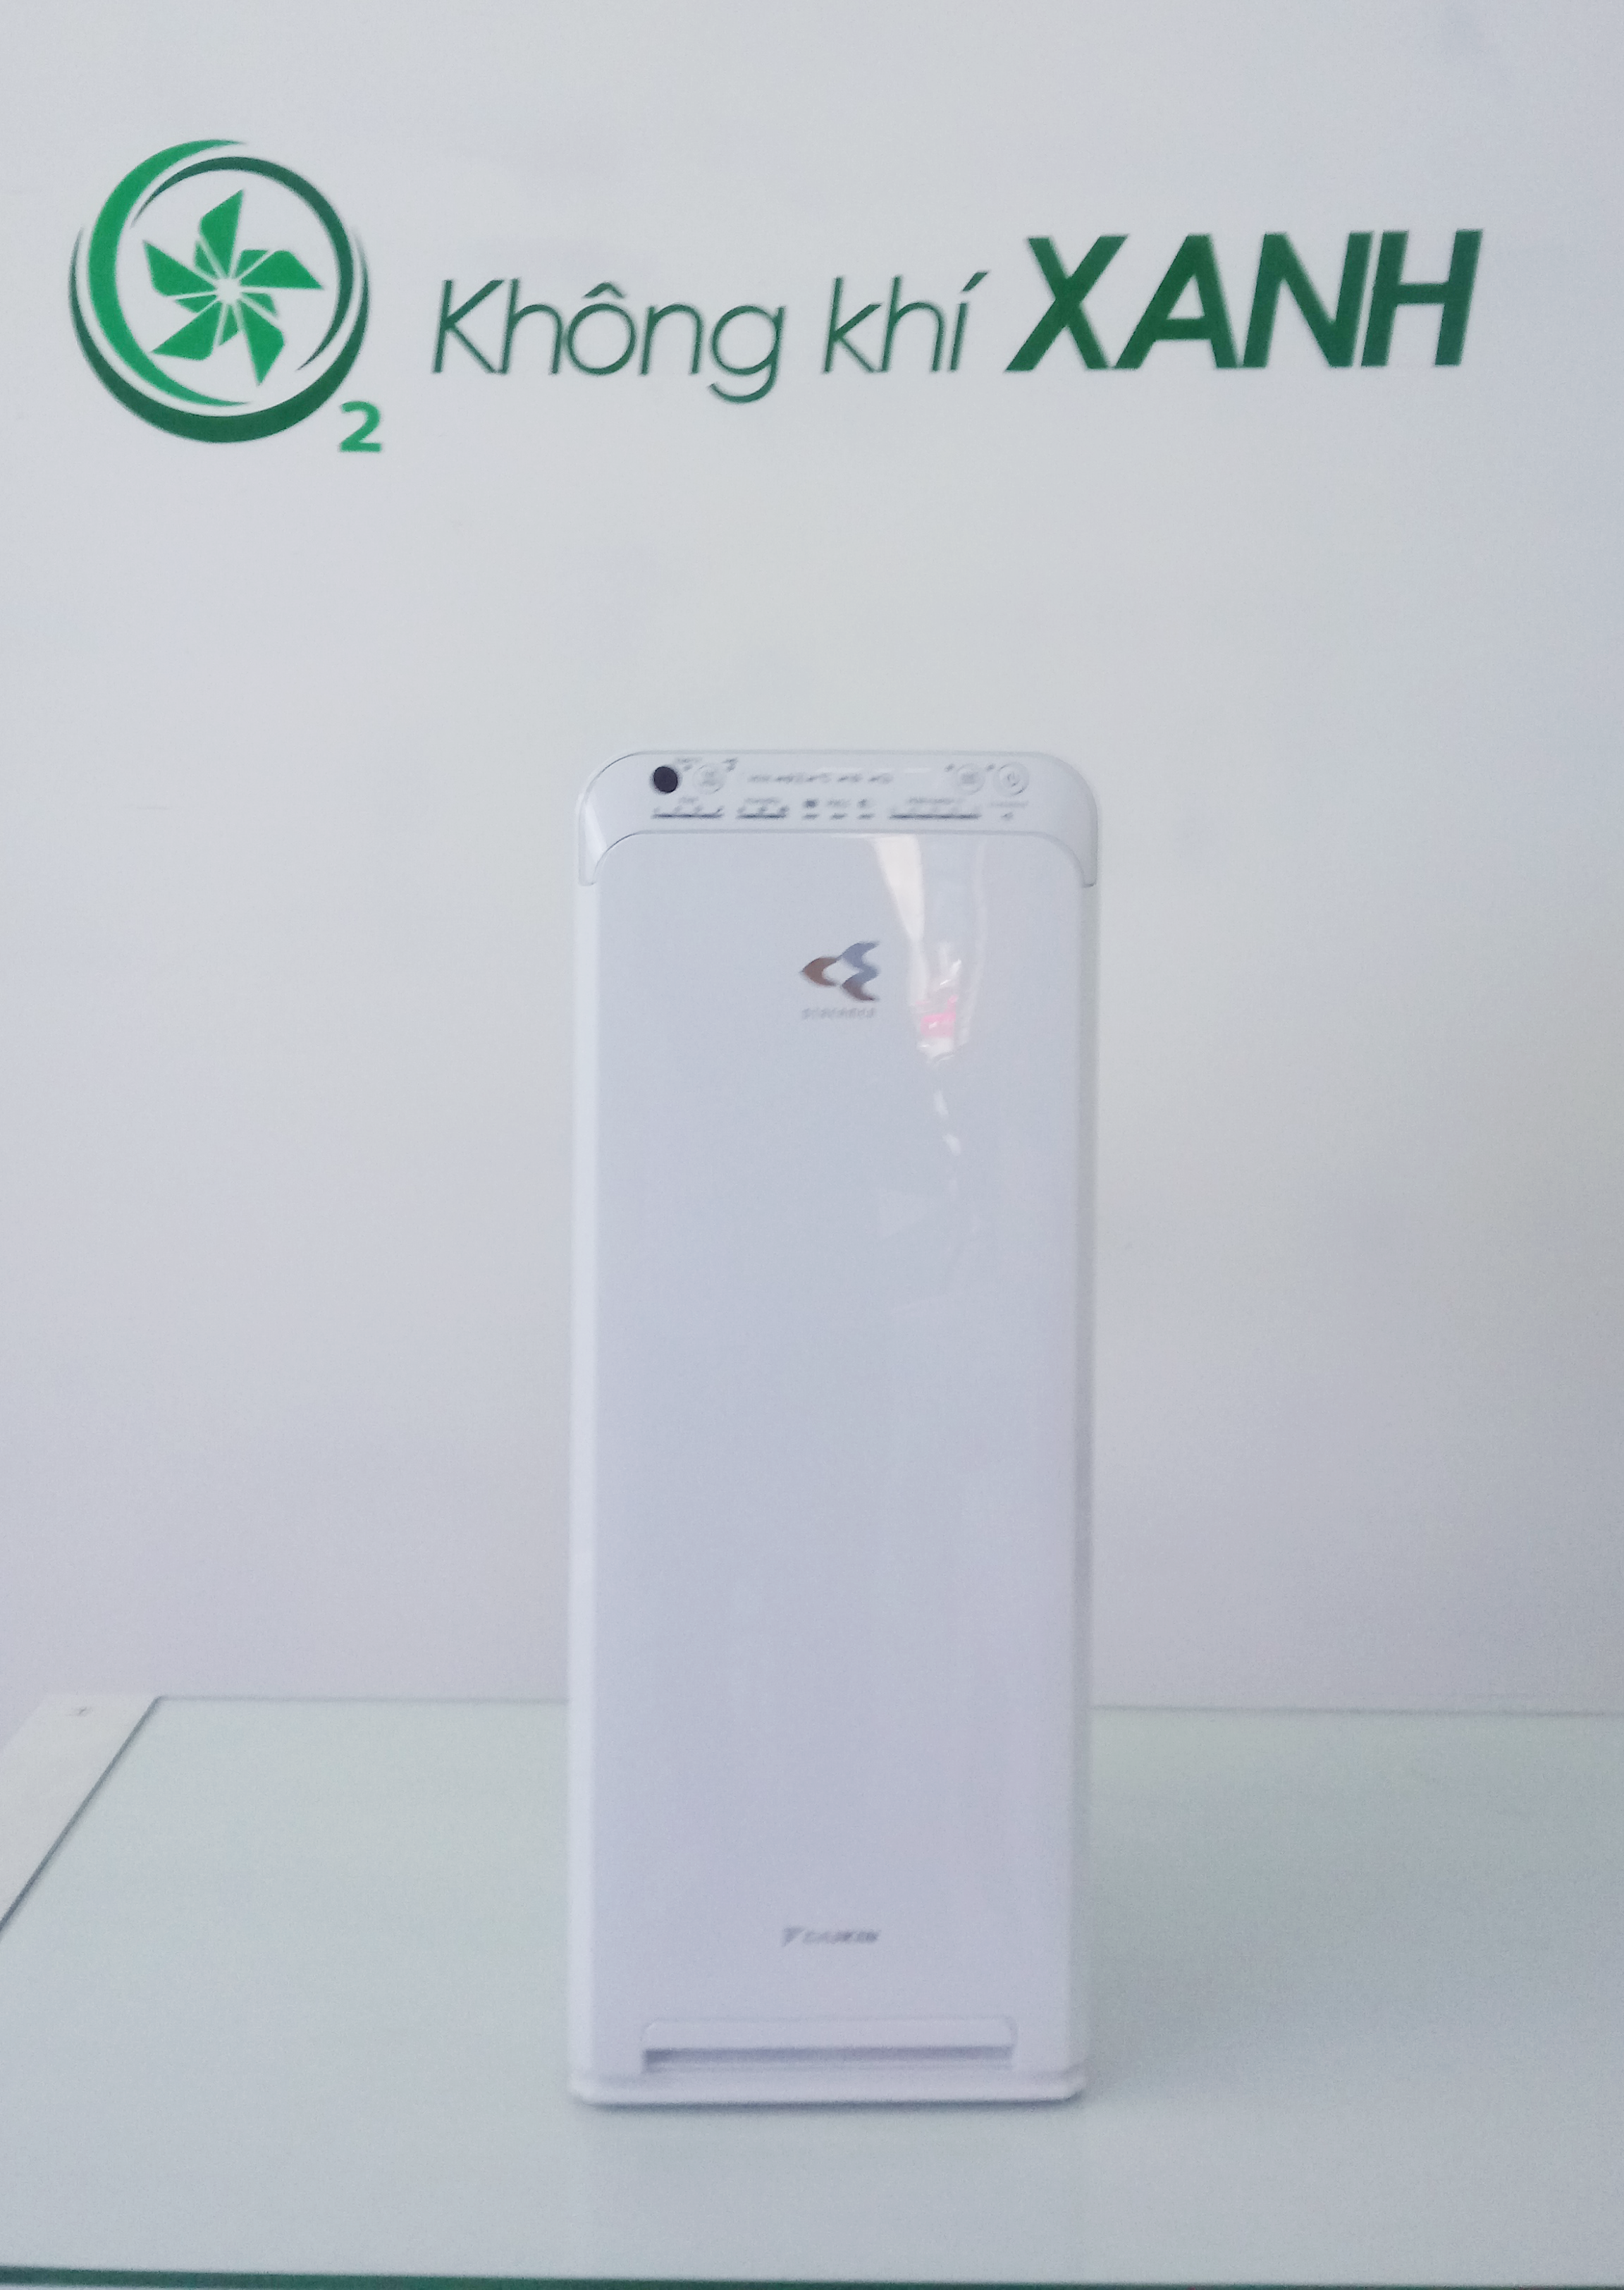 Máy lọc không khí và tạo ẩm Daikin MCK55TVM6 - Thiết kế mới nhất 2018